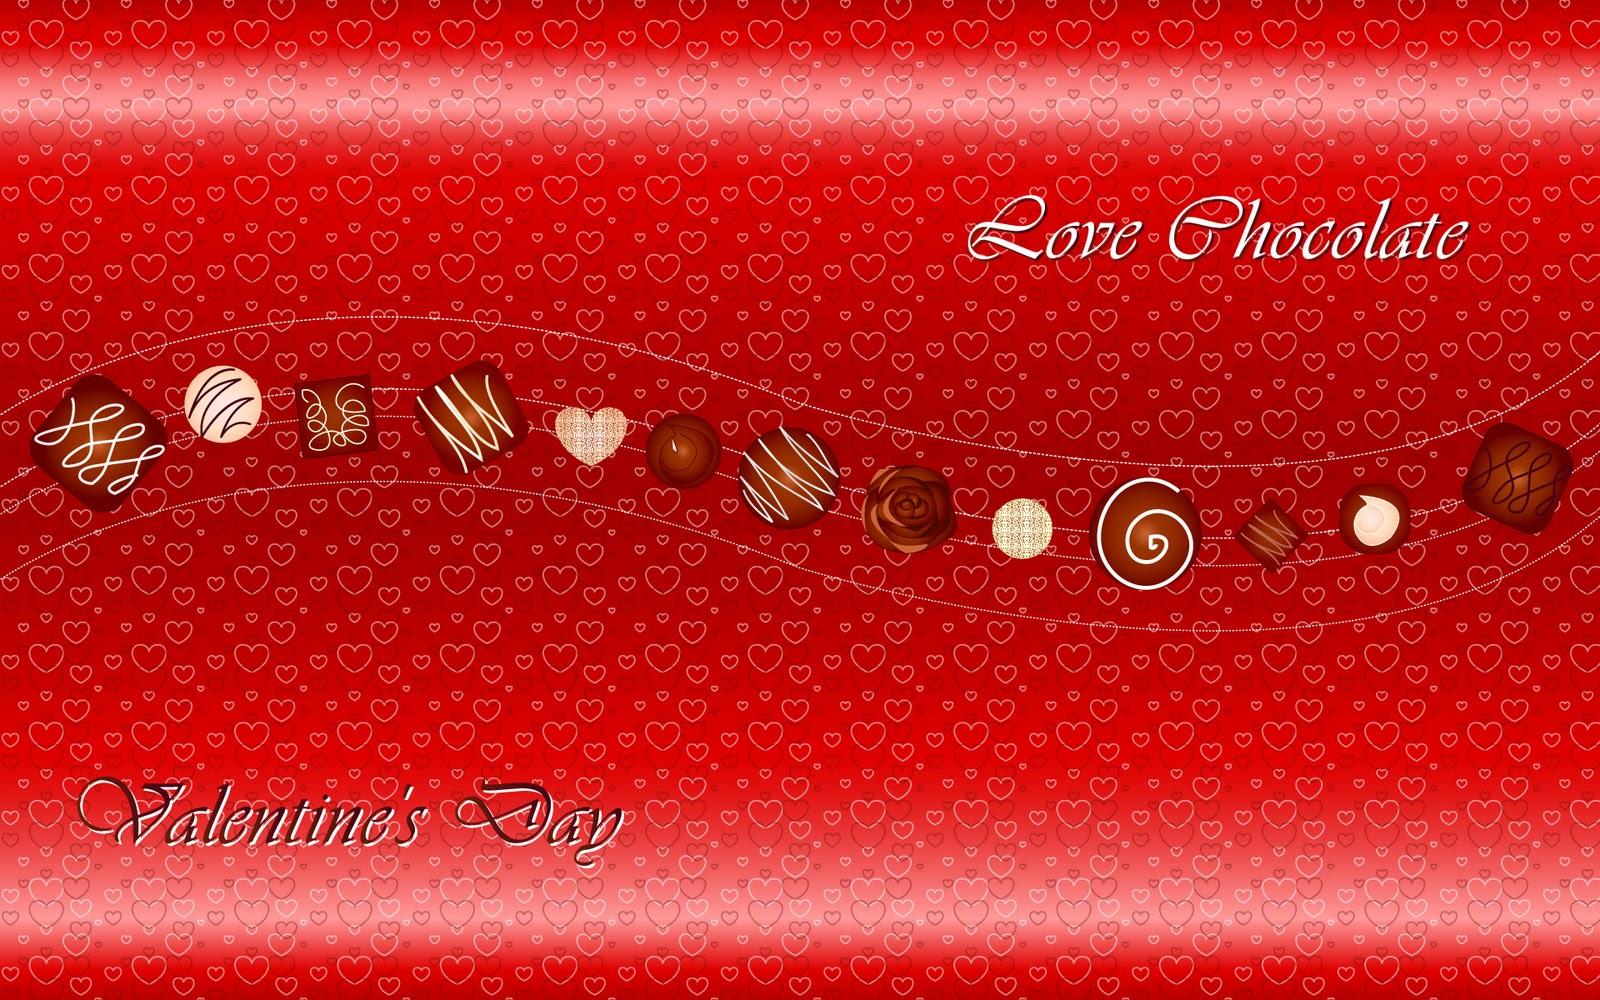 http://3.bp.blogspot.com/-XjDWwrjRLUE/Tq6dZfmAxMI/AAAAAAAAA_c/ZeSK409Jvts/s1600/Vector_Valentines_day_wallpapers.jpg